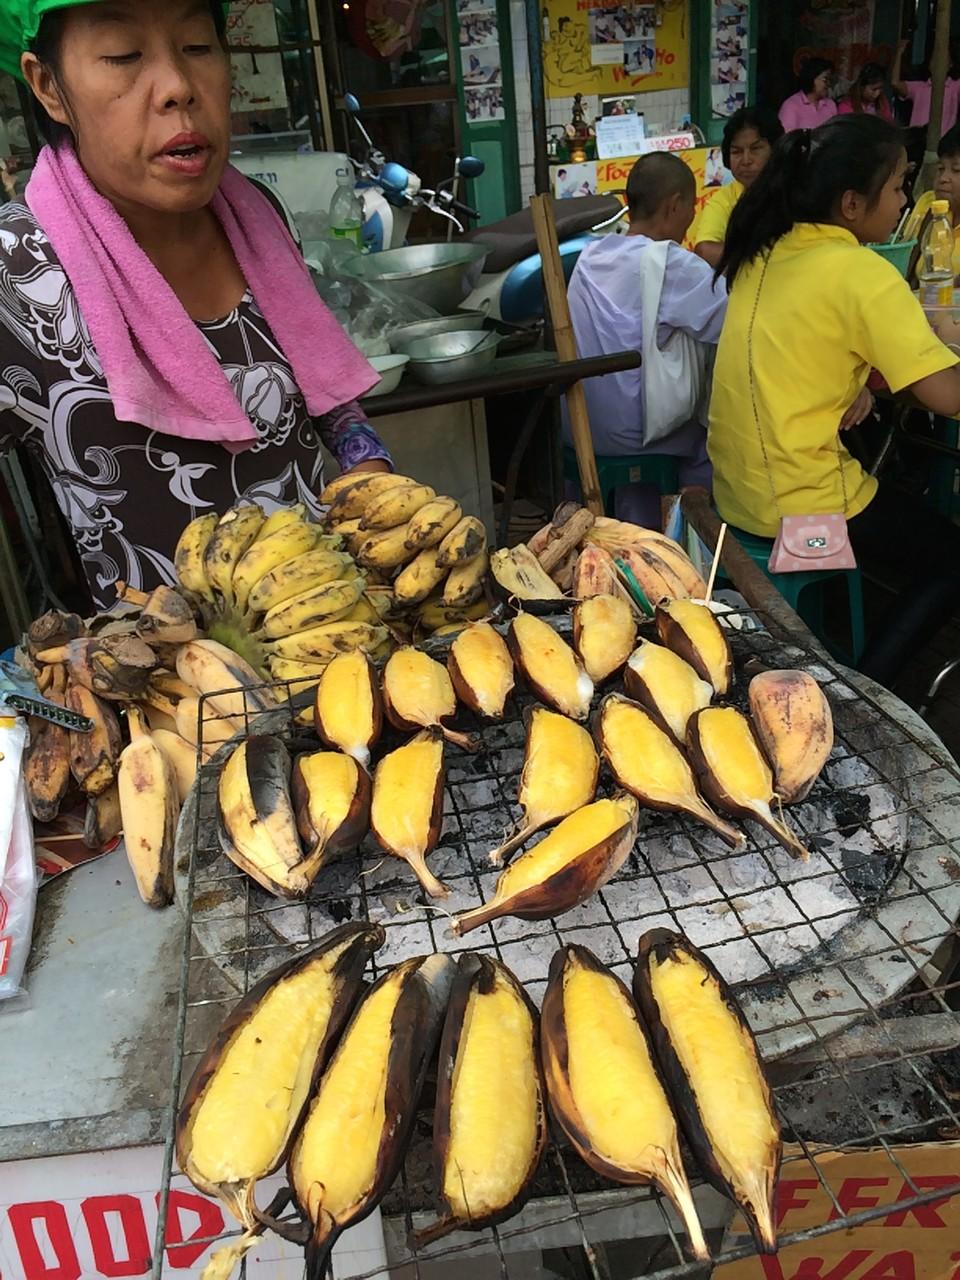 焼きバナナ。産毛がホワホワ付いている小ぶりのバナナ。味がびっくりするほどサツマイモと同じ!甘くておいしい。